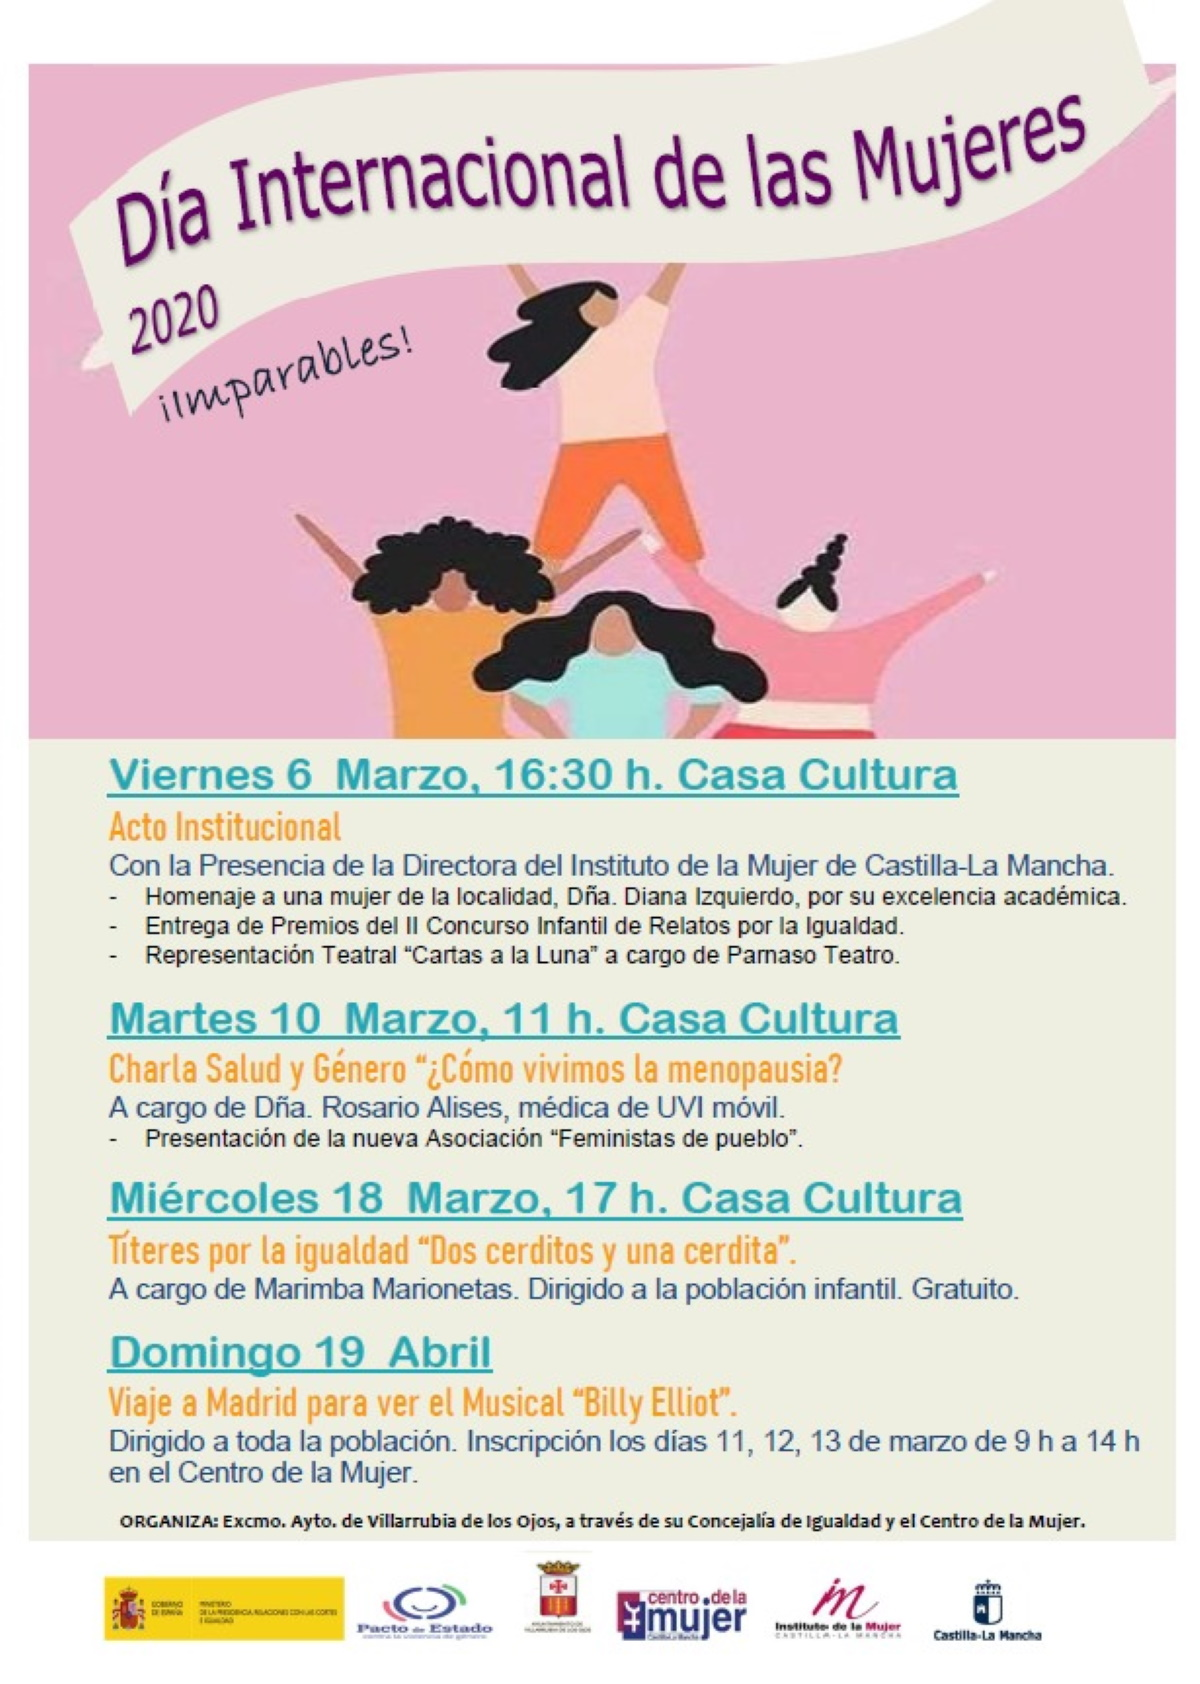 programa de actividades dia de la mujer en villarrubia